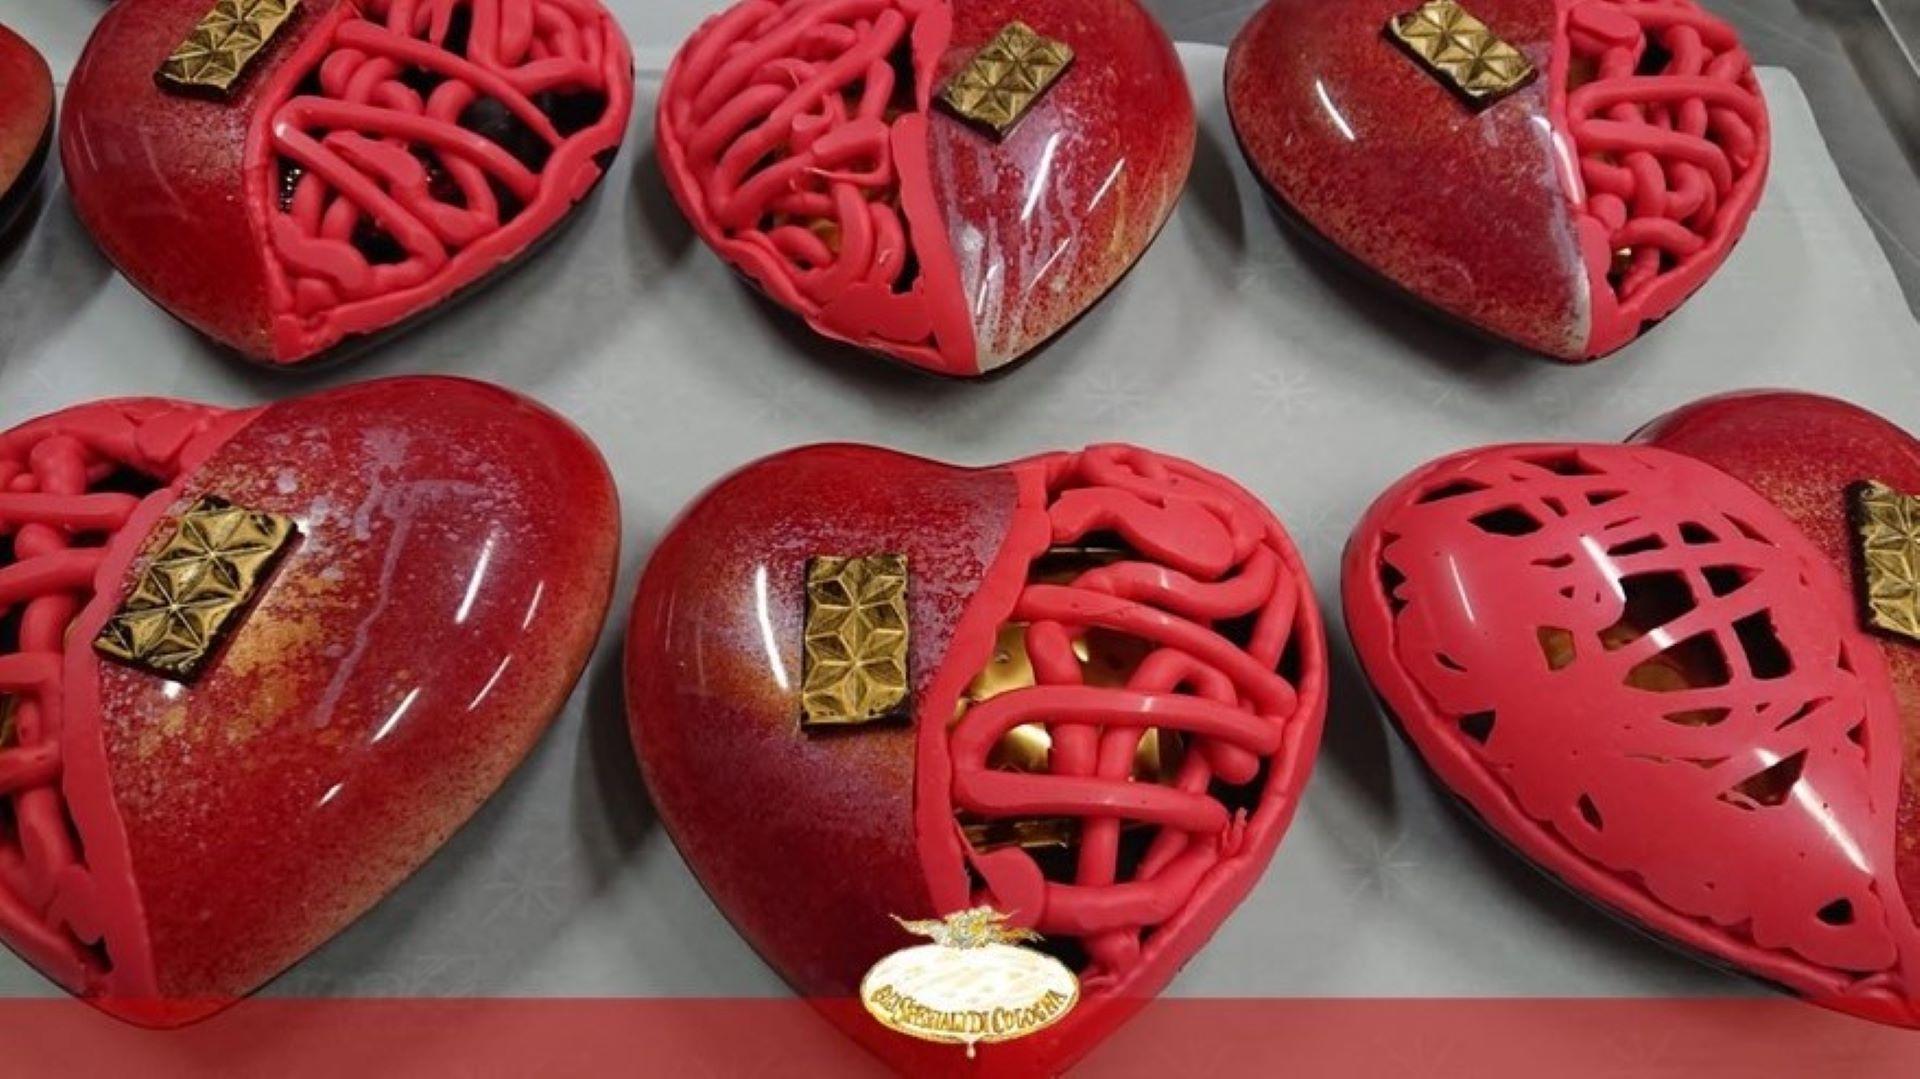 gli-speziali-di-cologna-cuore-di-cioccolato-con-sorpresa-san-valentino.jpg